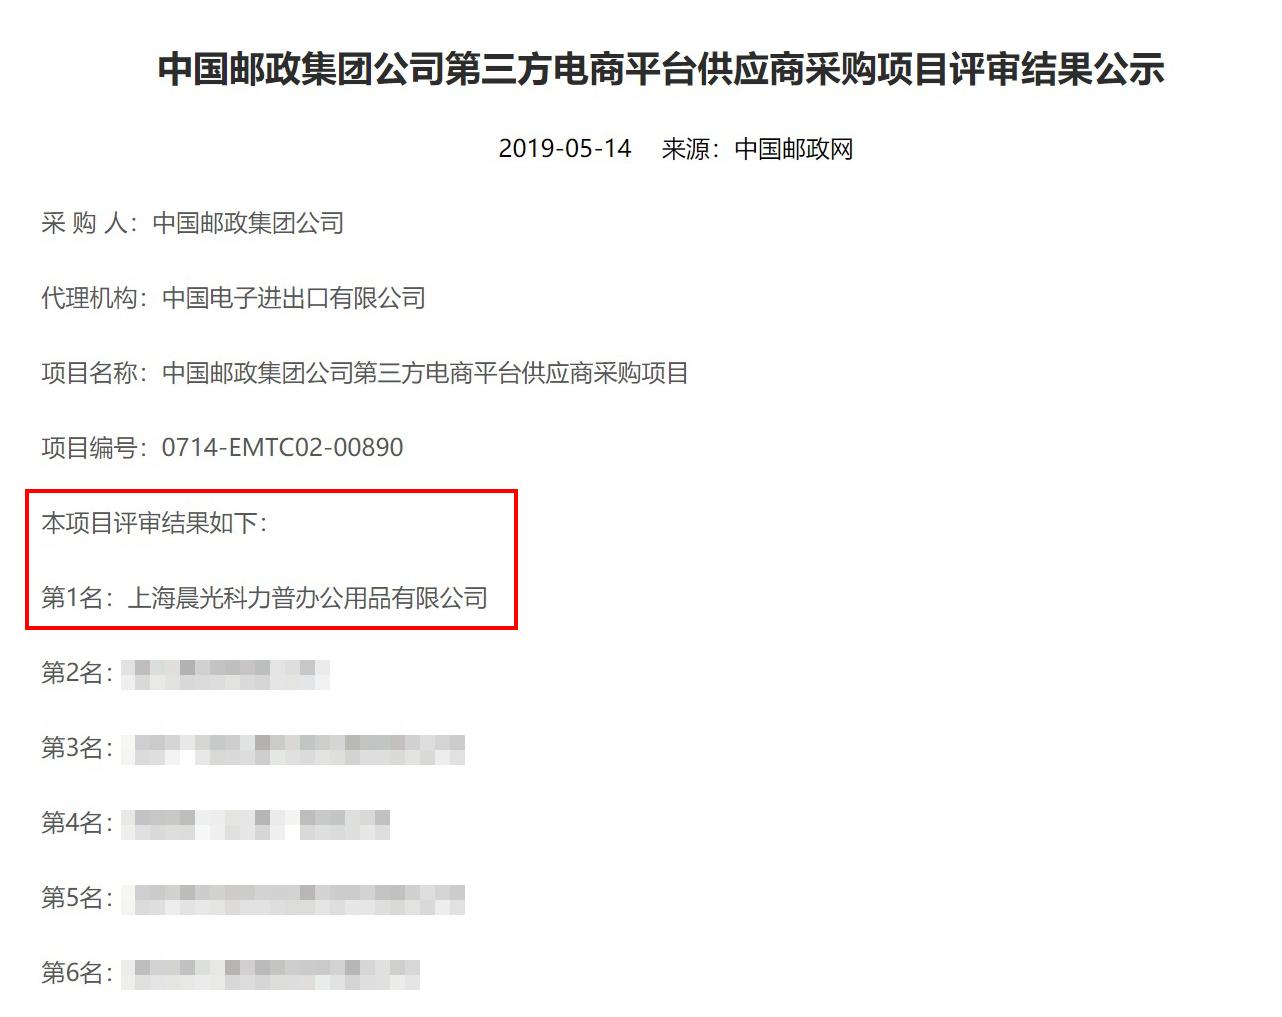 公示截图-中国邮政.jpg